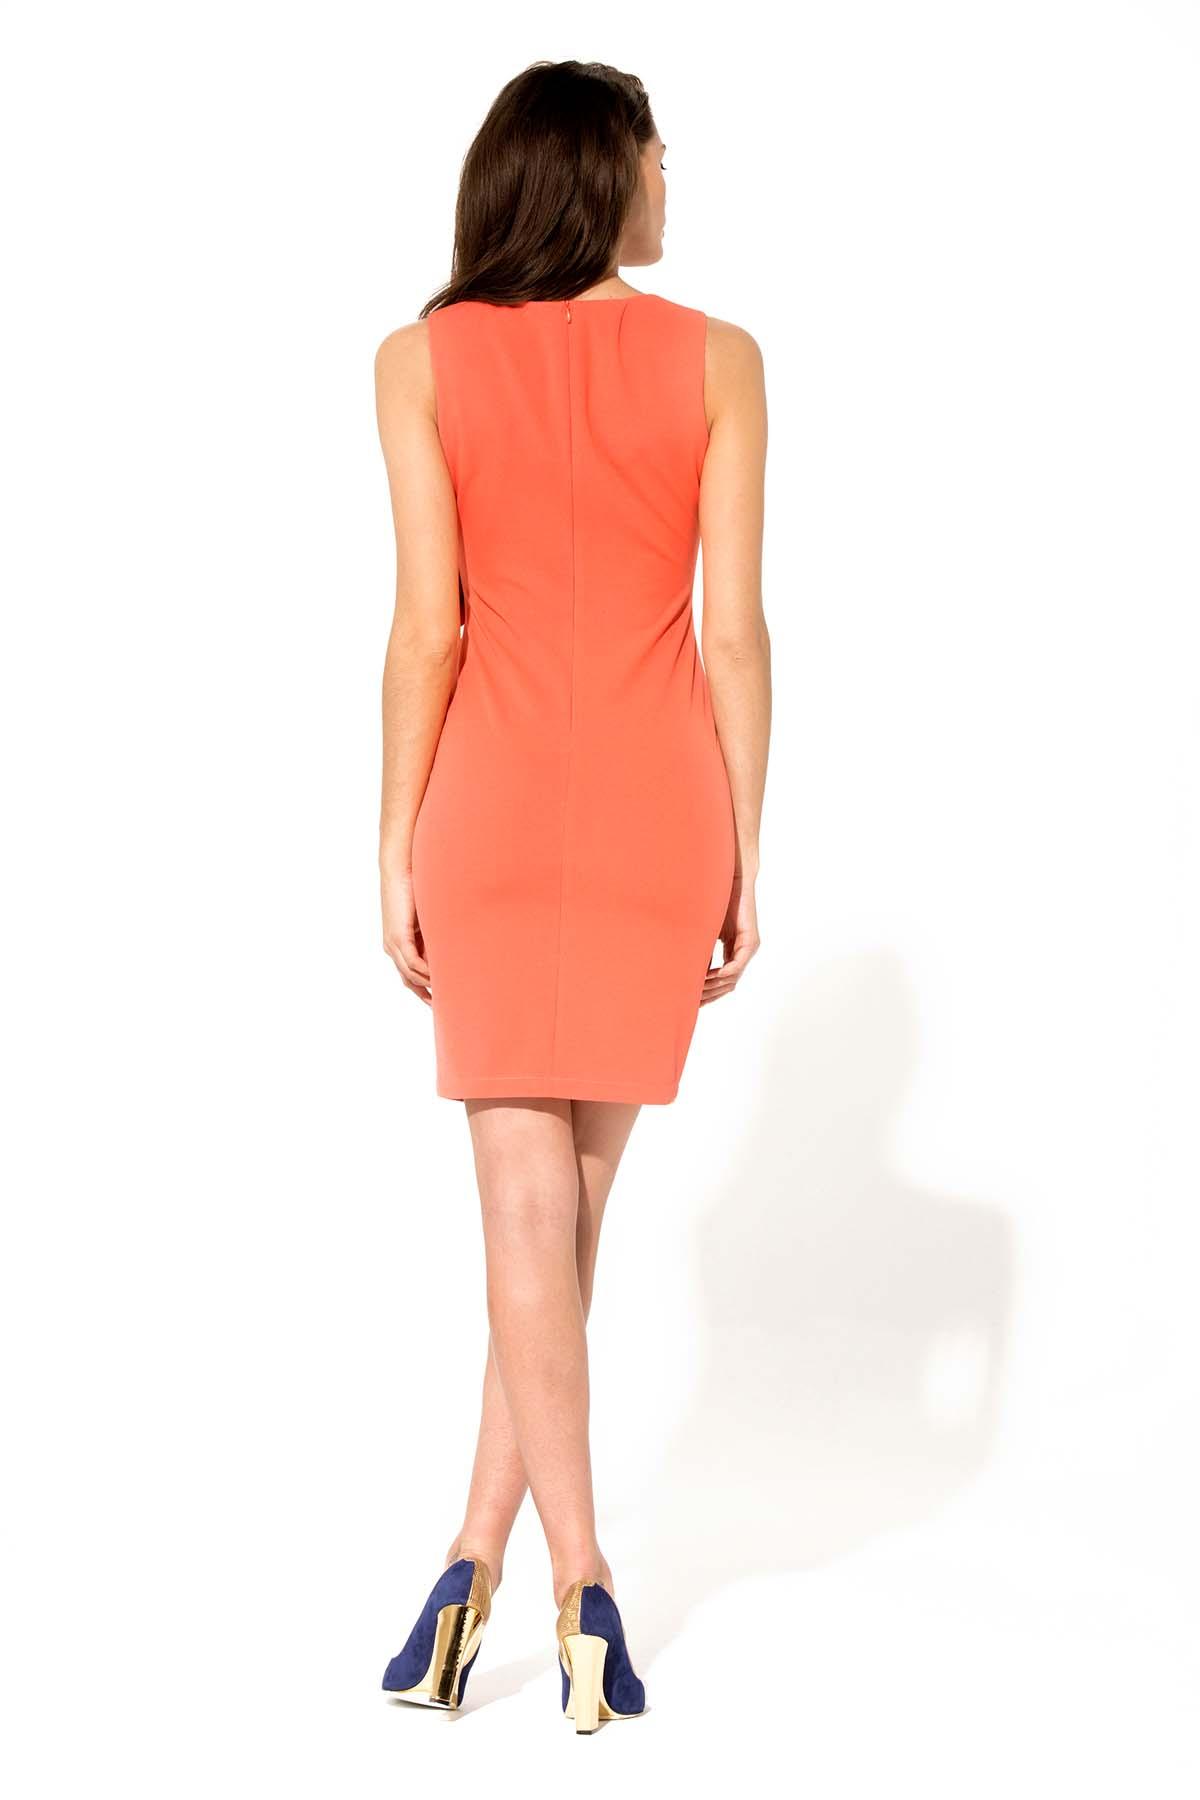 Vestido ajustado de color salmón Teria Yabar - Vestido ajustado de color salmón